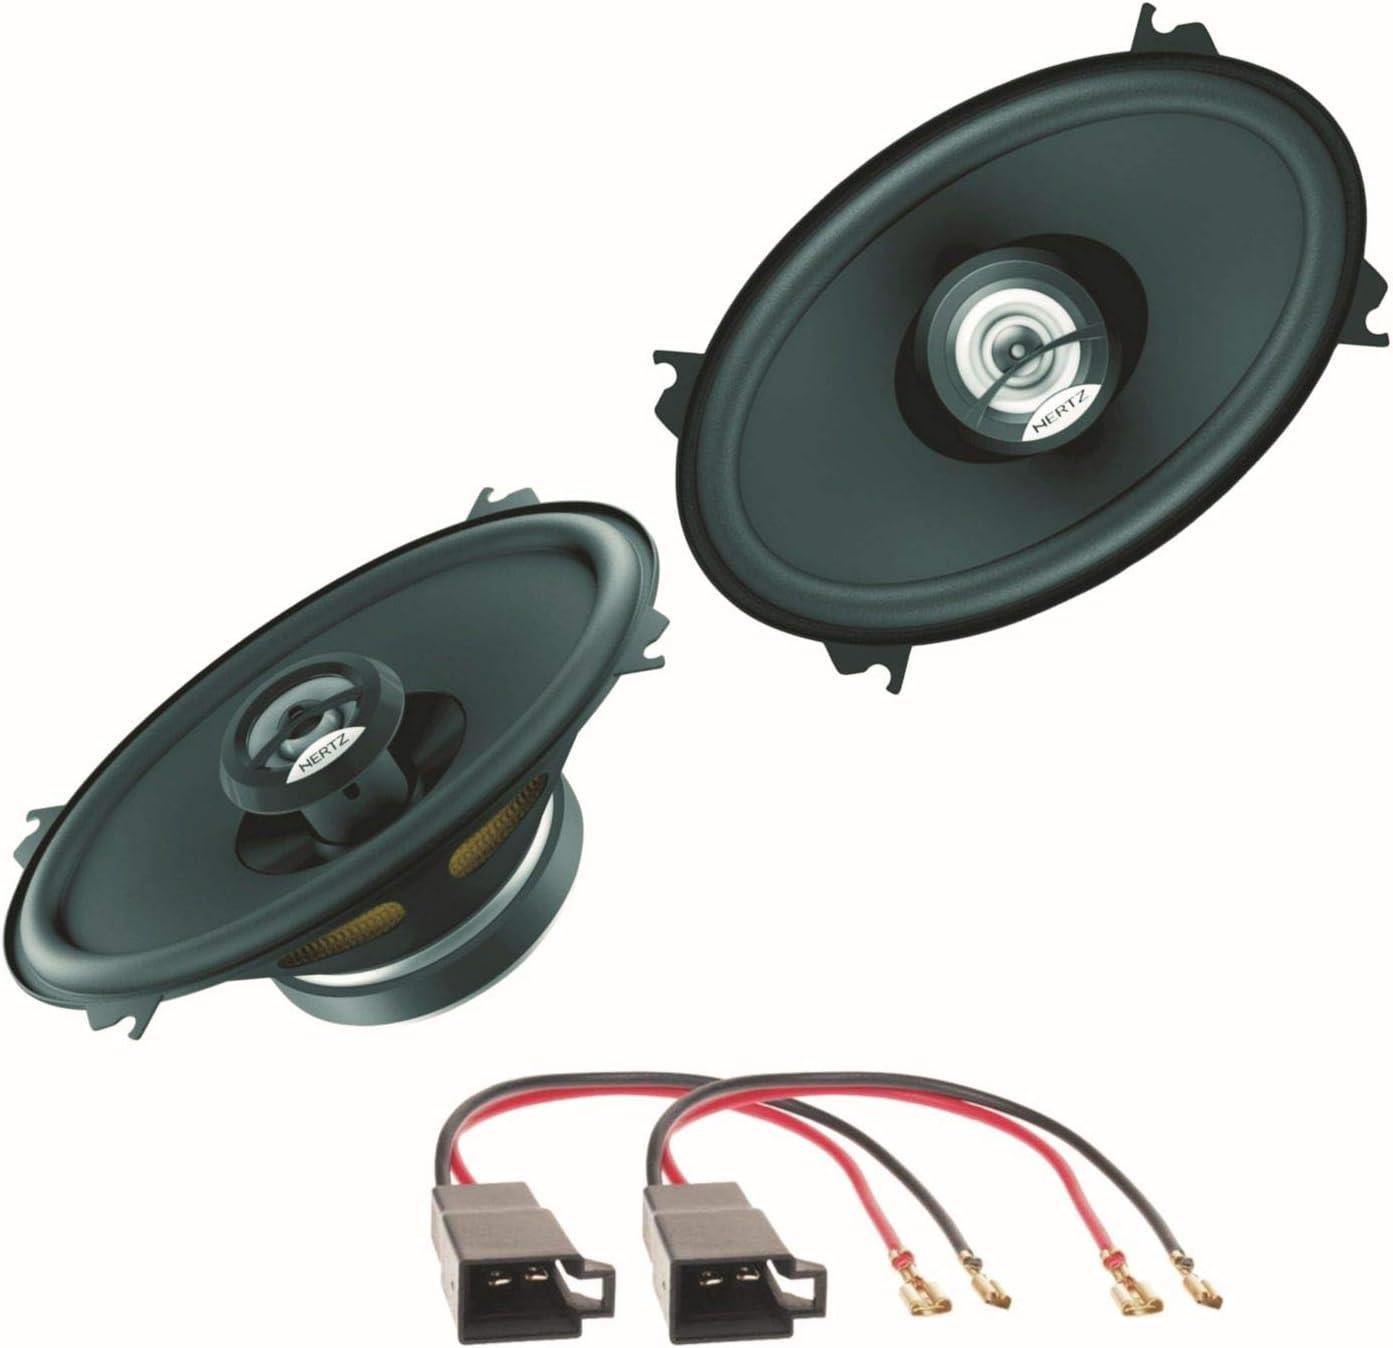 Hertz Dieci Dcx460 3 2 Wege Koaxial Lautsprechersystem Seitliche Heckablage Für Polo 86c Golf 2